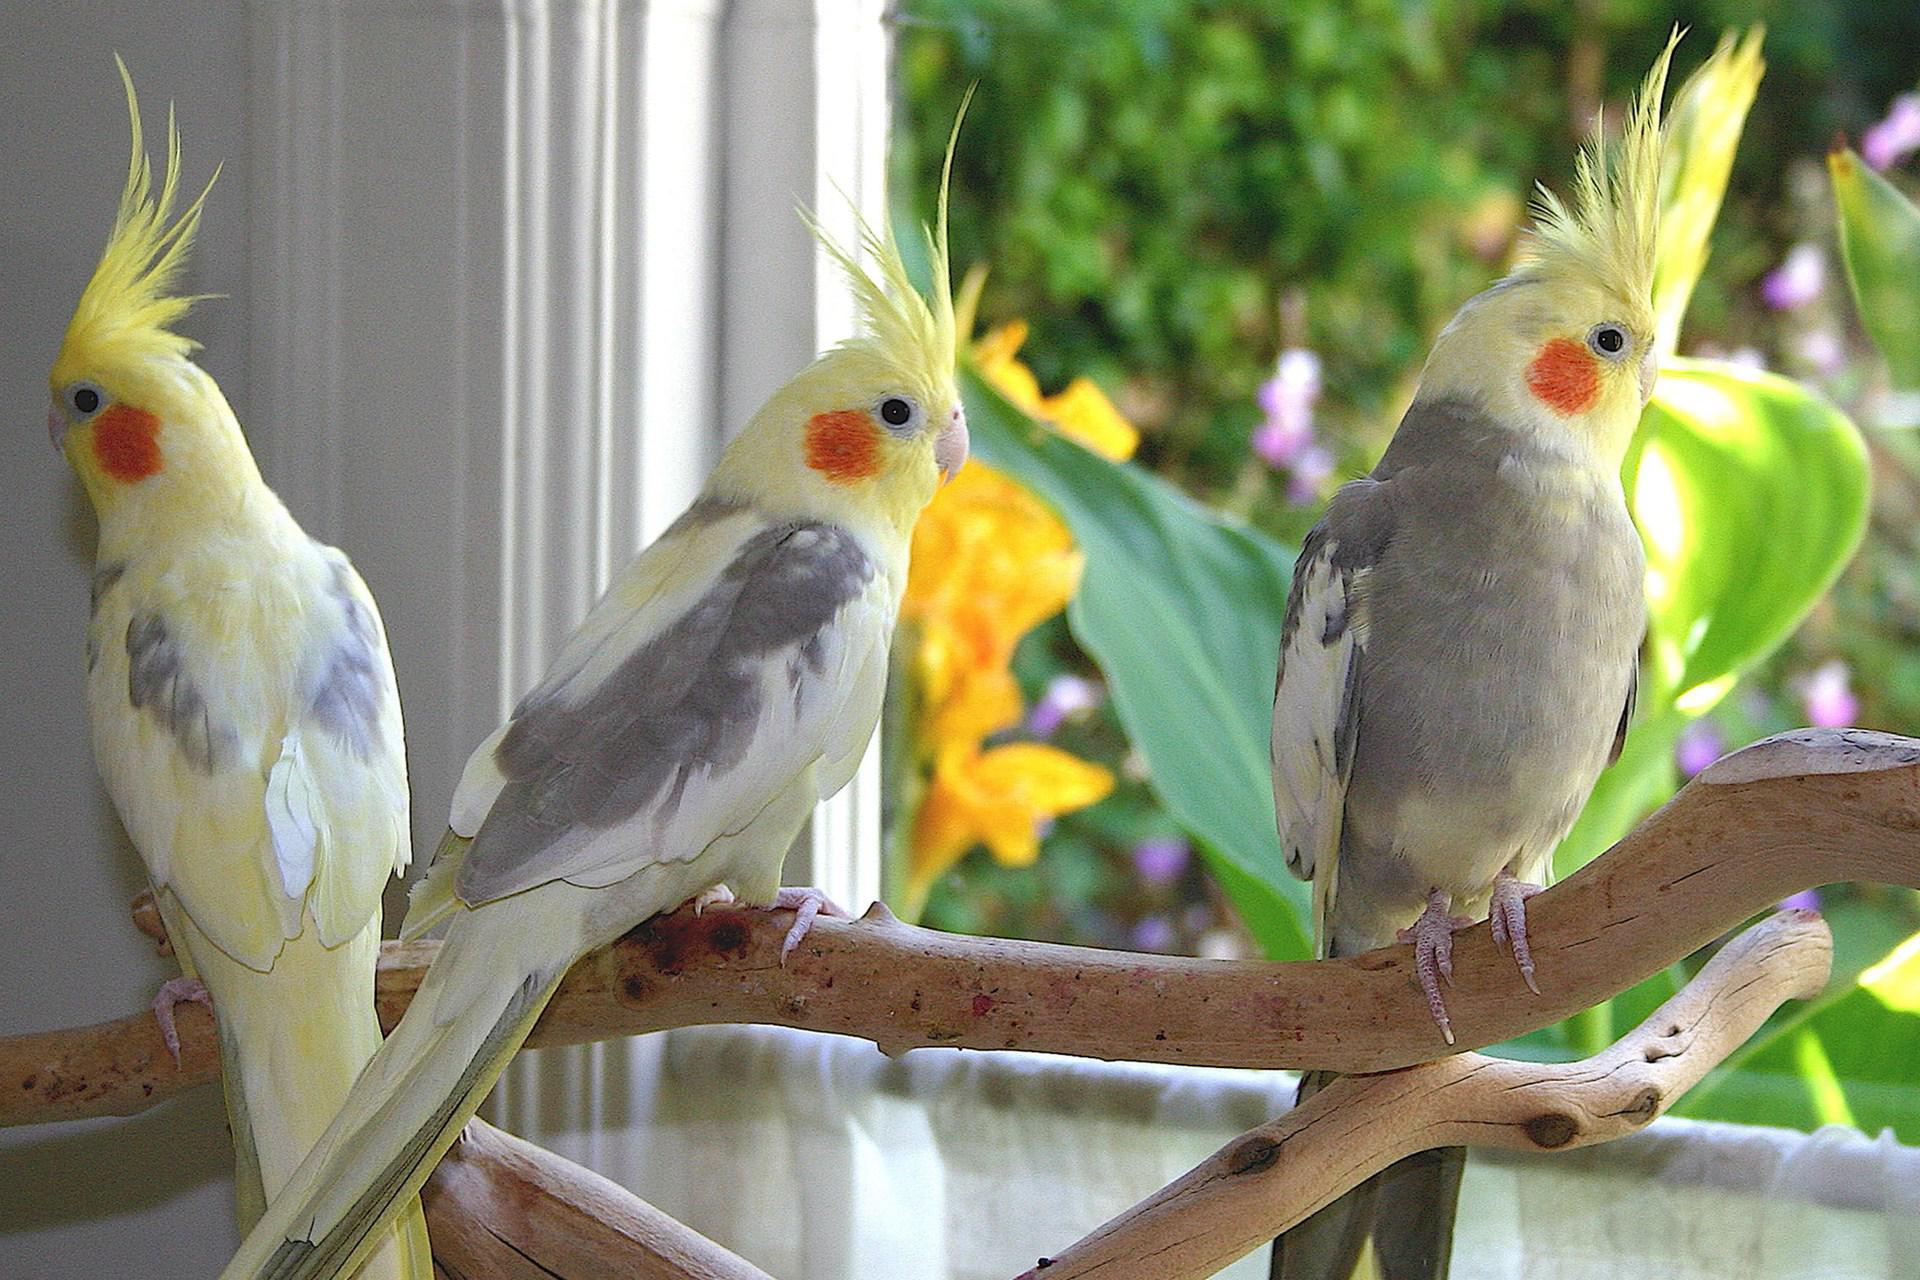 افرادی که حق نگهداری از پرندگان را ندارند